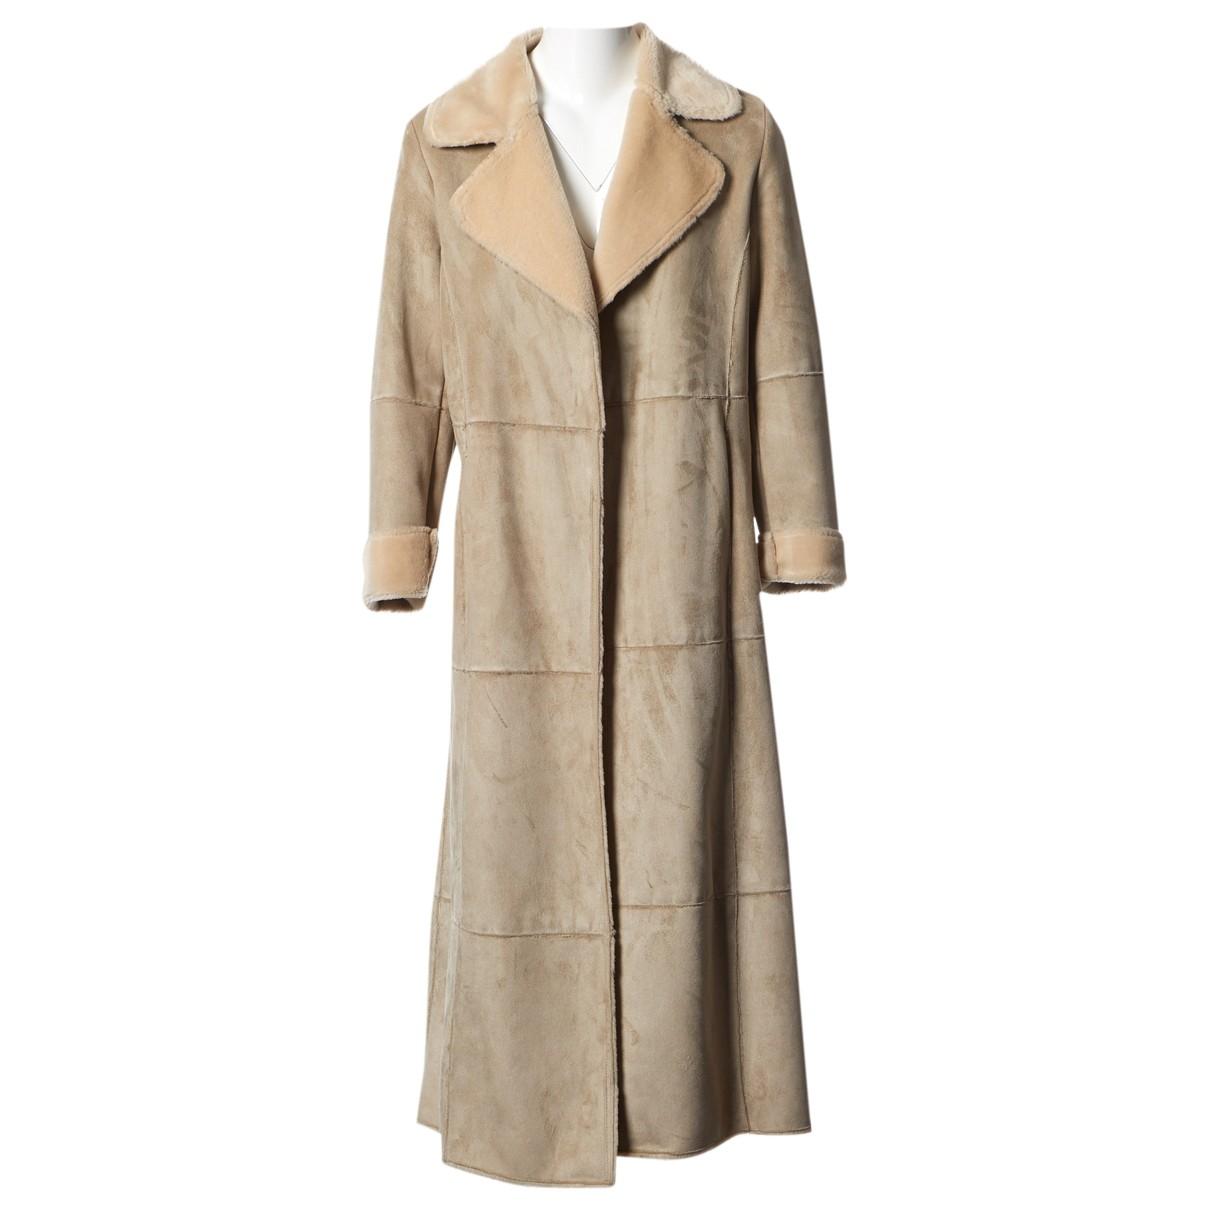 Balmain \N Beige coat for Women 36 FR